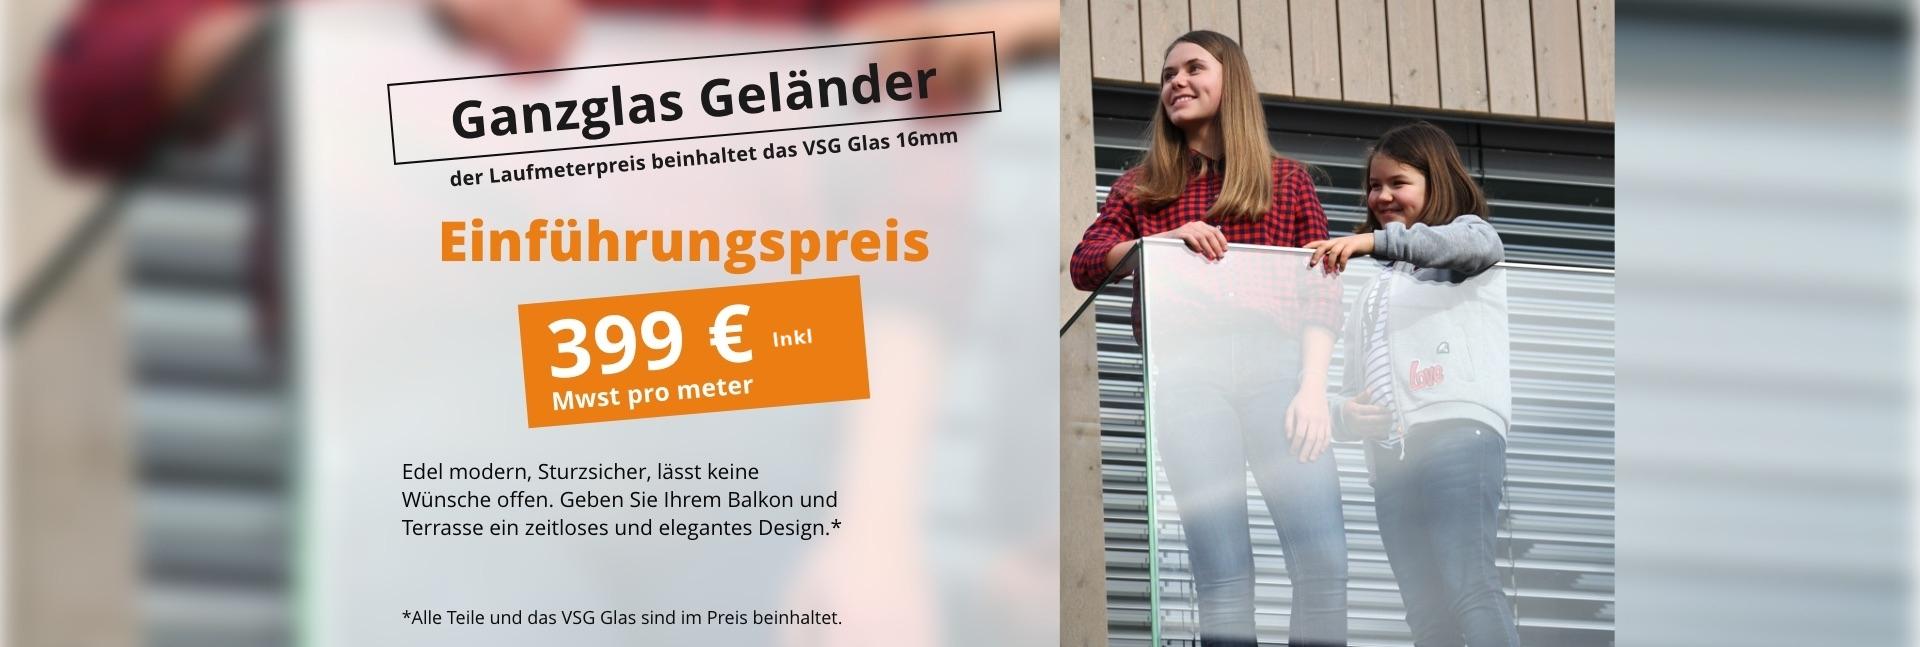 GELÄNDER GANZGLAS